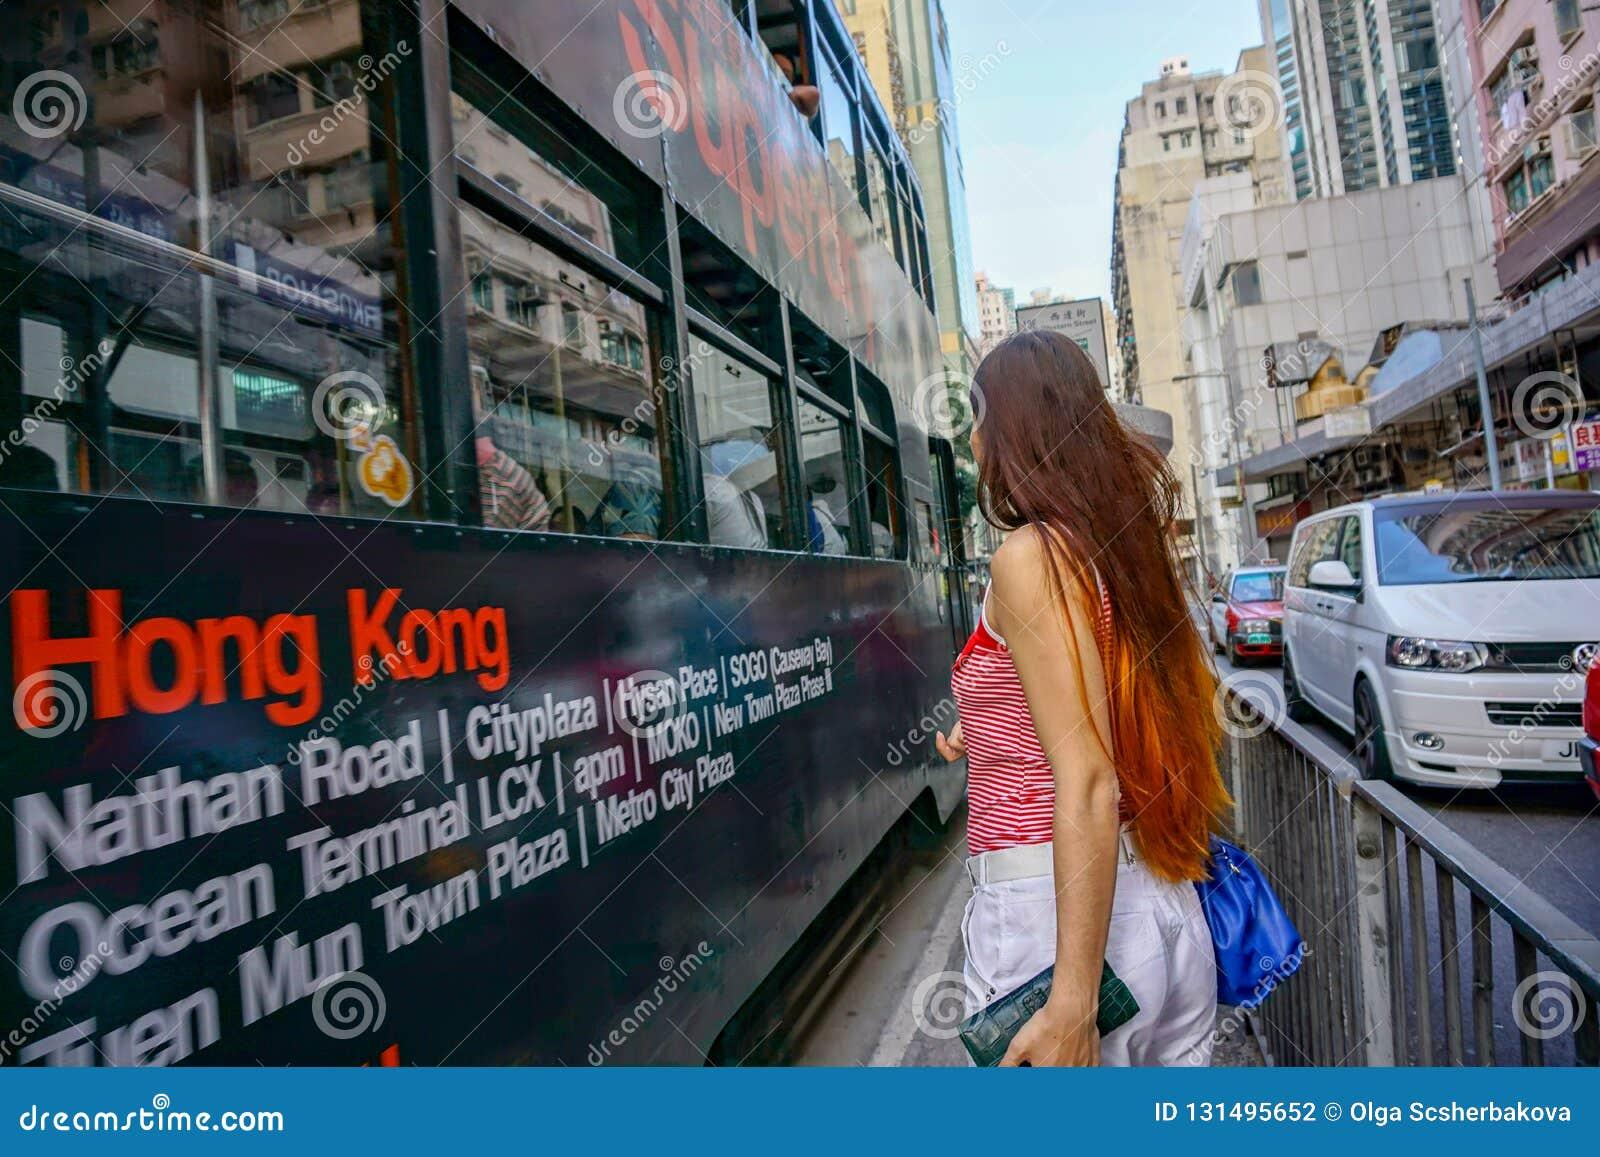 Vergadering met Hong Kong-straat